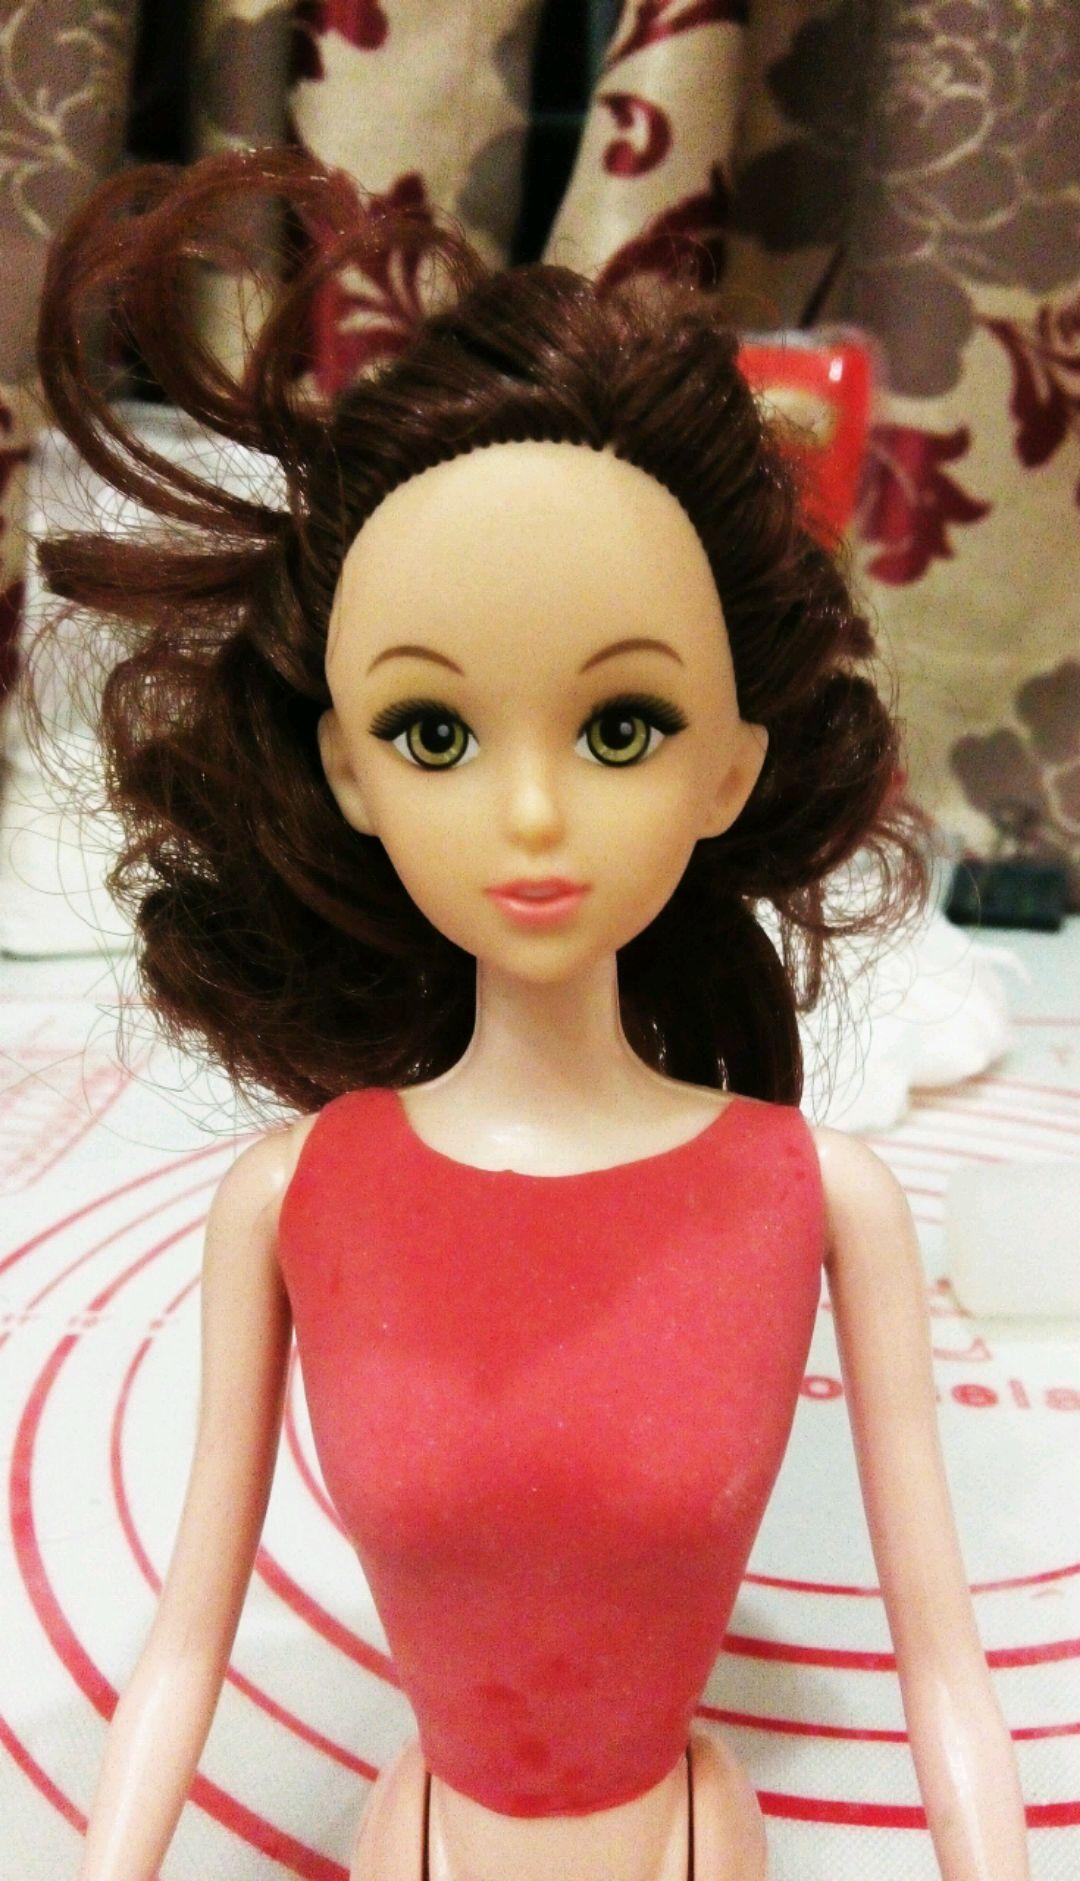 准备一个30cn的芭比娃娃,红色翻糖膏做好衣服